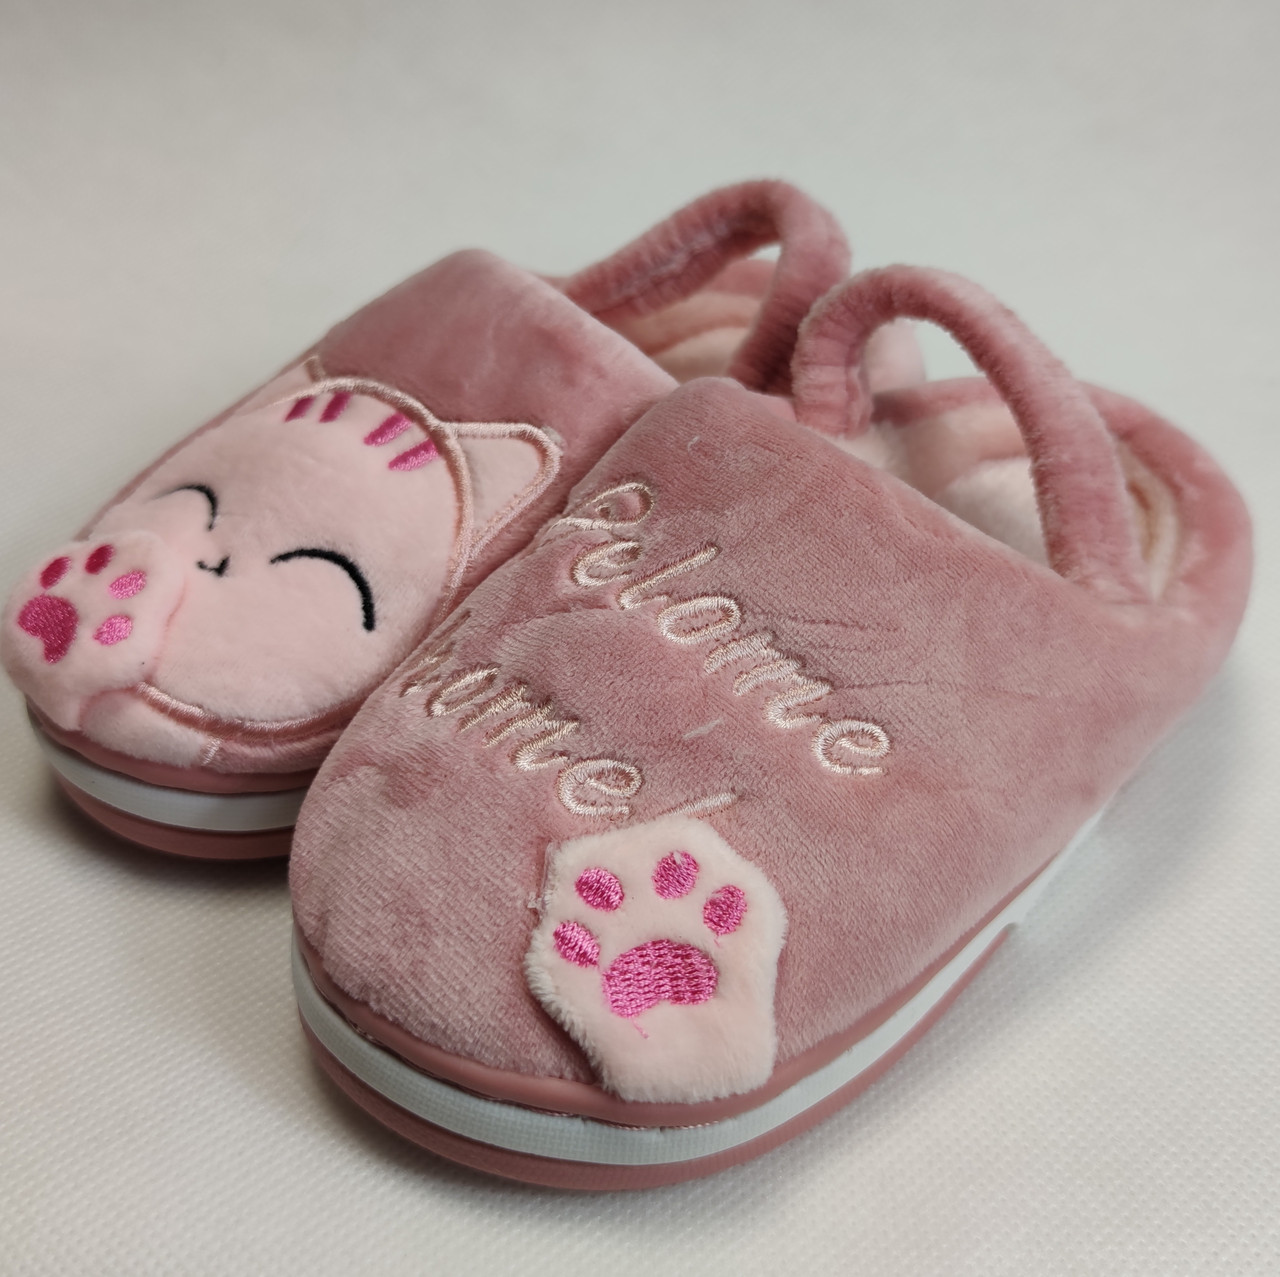 Детские тапочки тапки теплые комнатные для дома девочки домашние розовый котики 24/25р 15-15.5см